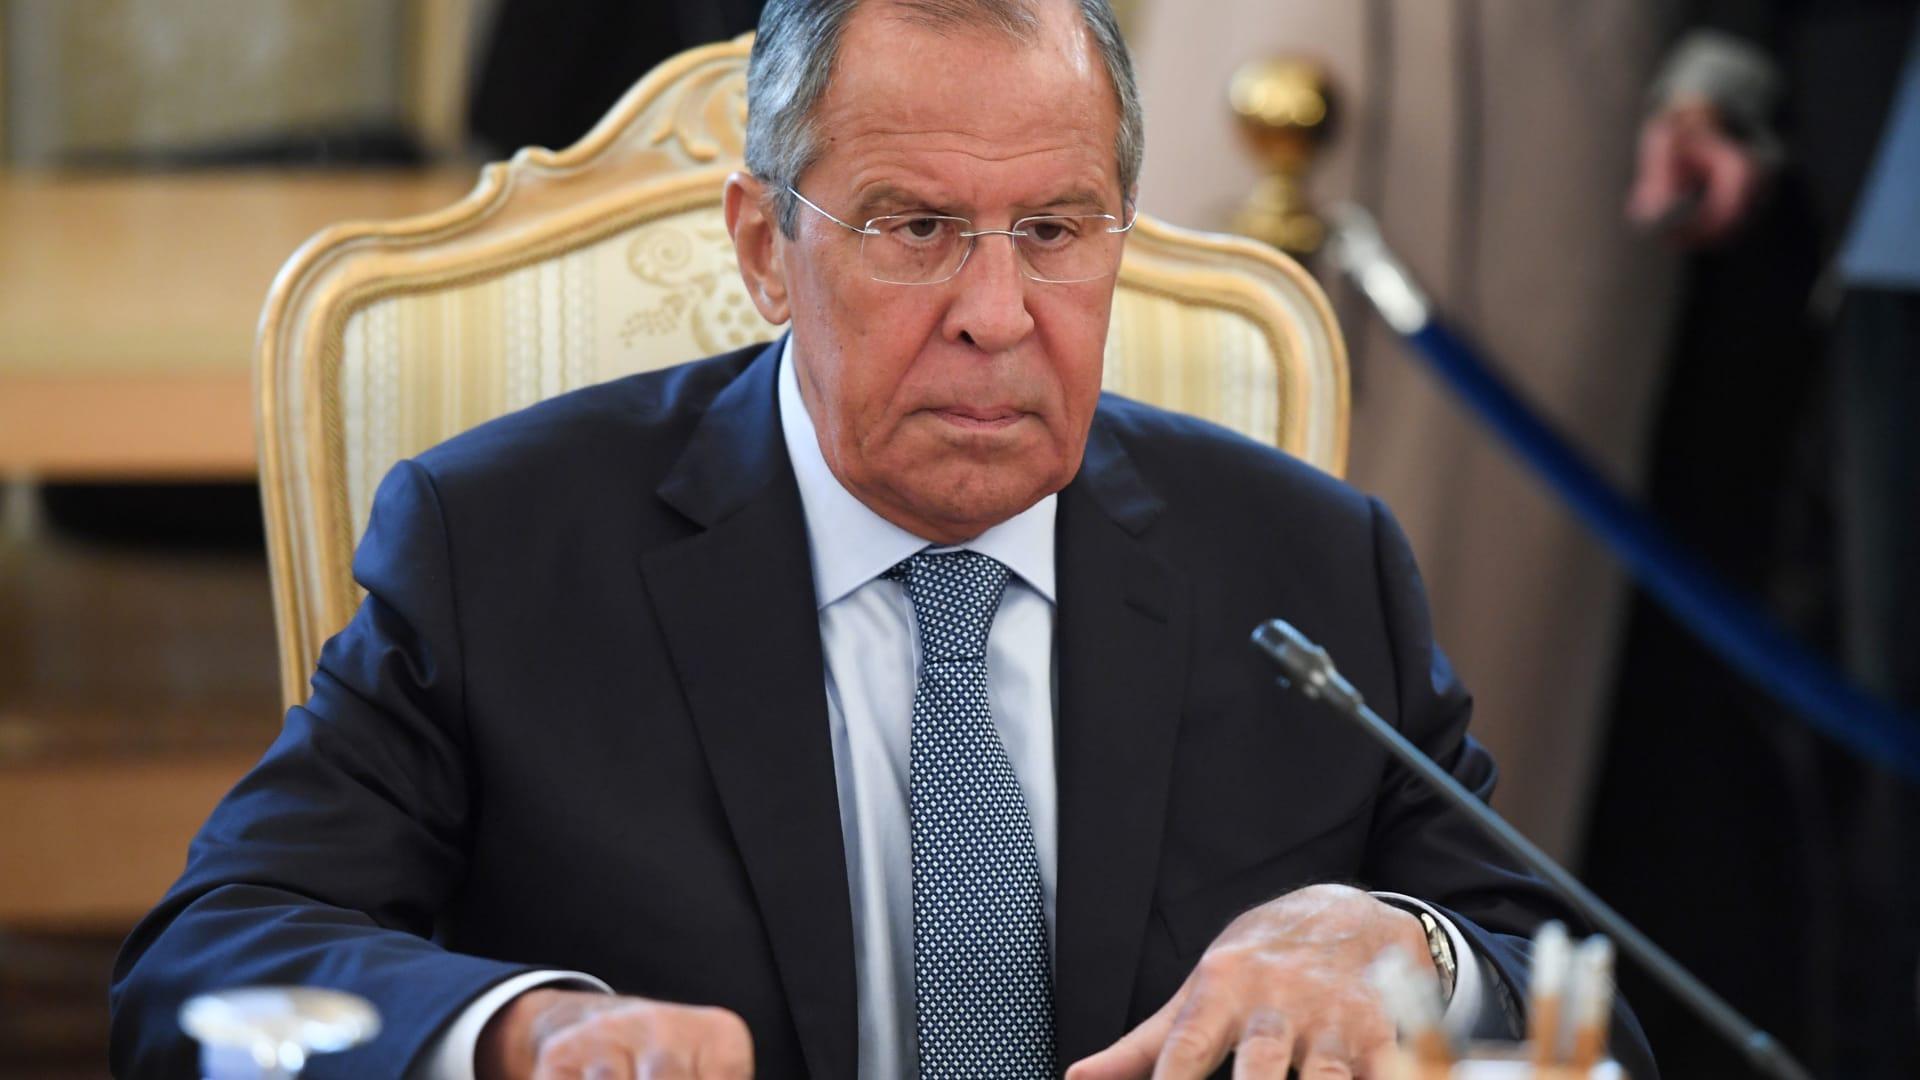 وزير الخارجية الروسي سيرغي لافروف يدخل العزل الذاتي.. وموسكو تكشف وضعه الصحي